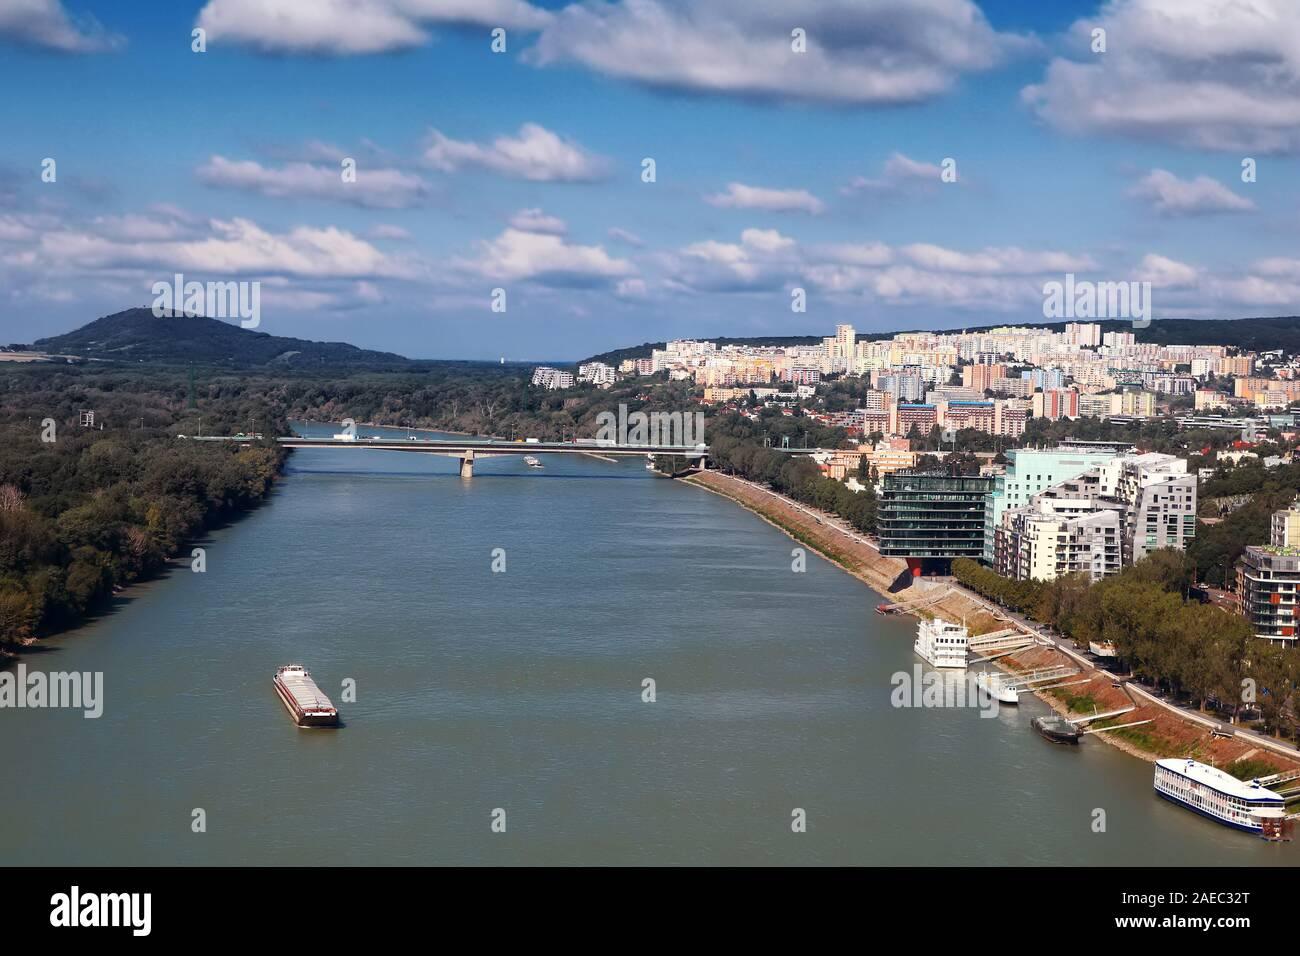 Vista del barco en el río Danubio, el puente Lafranconi y los edificios de nueva construcción en una zona residencial en Bratislava, Eslovaquia Foto de stock